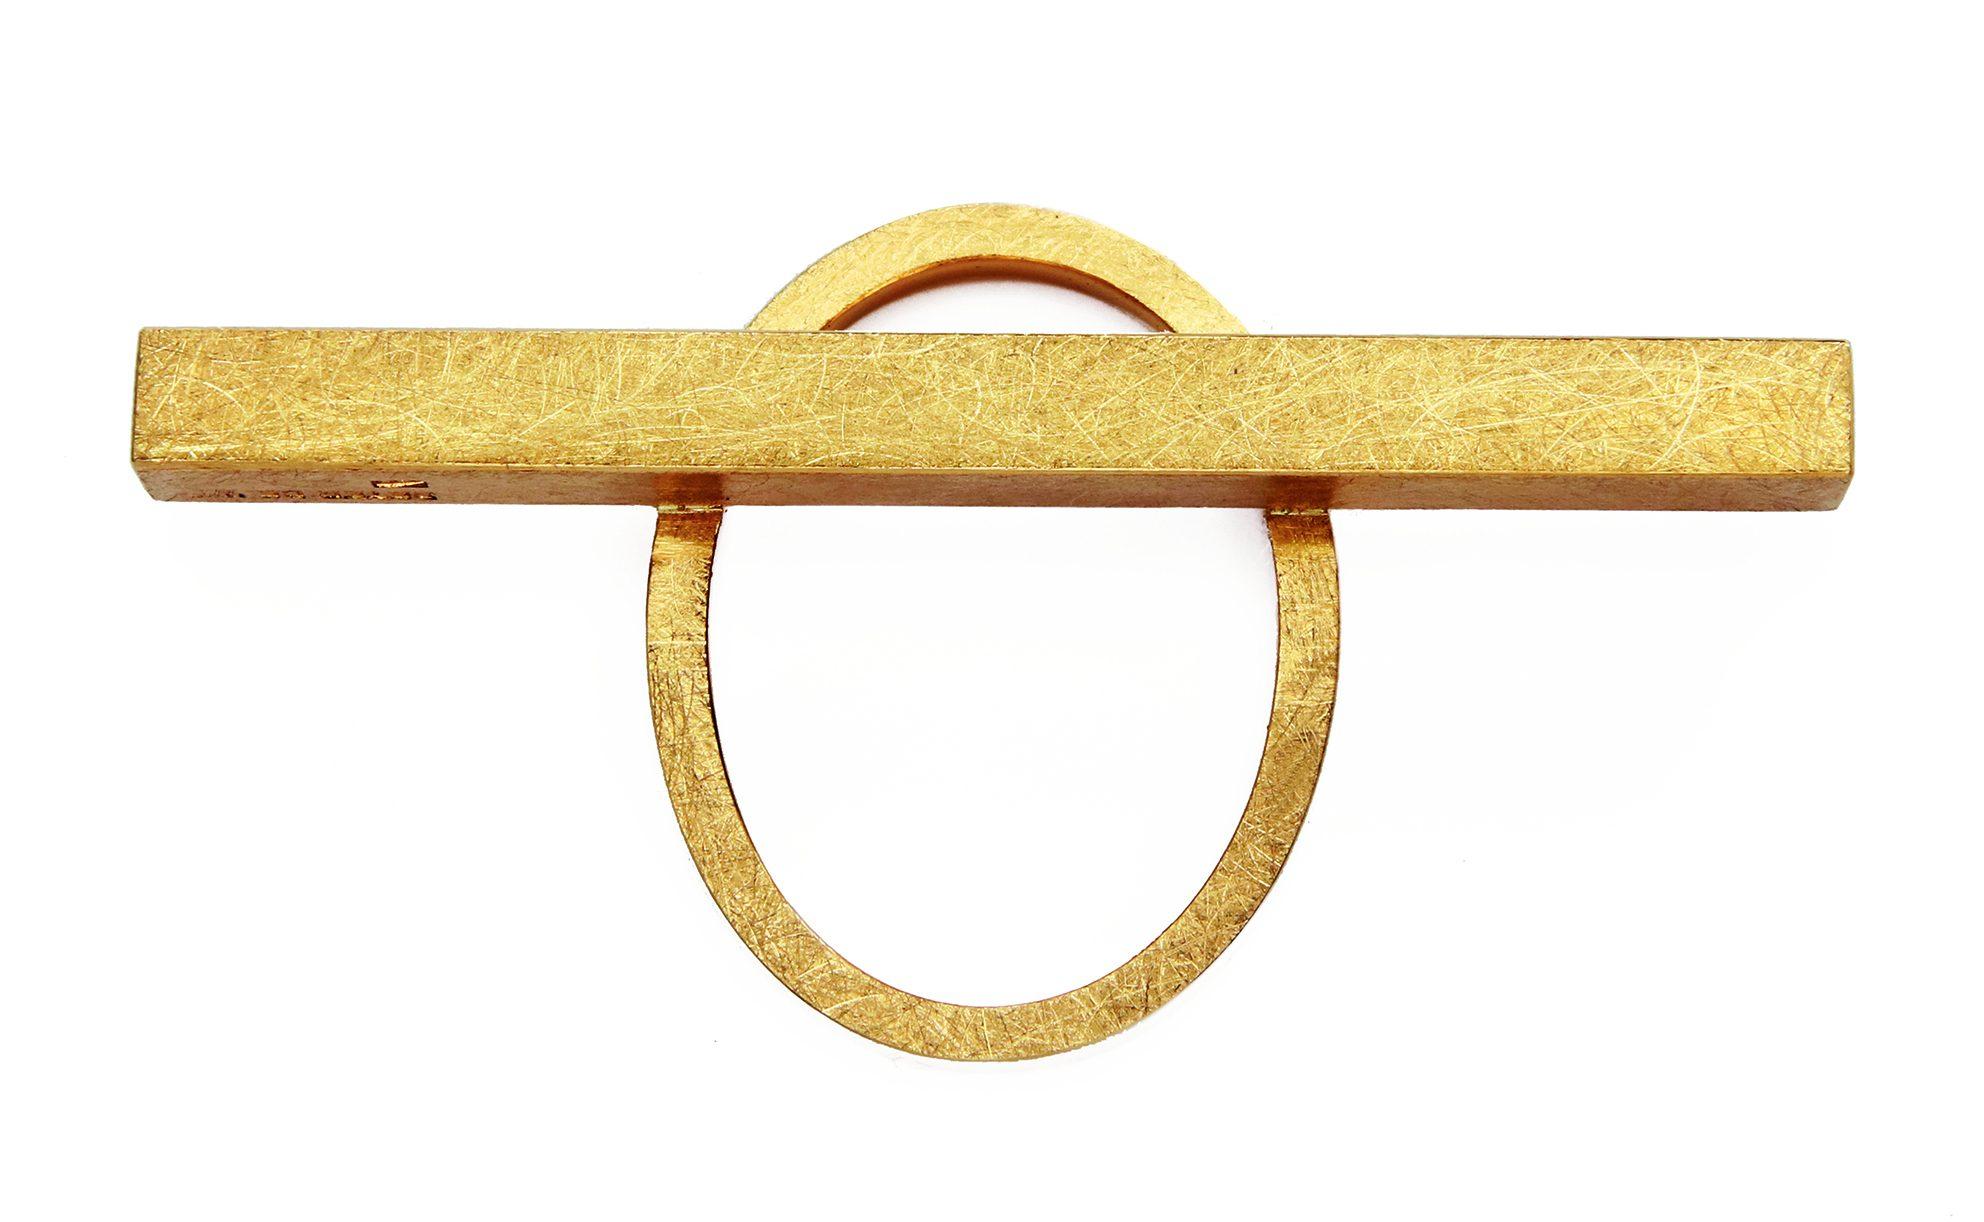 Peter de Wit, ring, 2019, goud